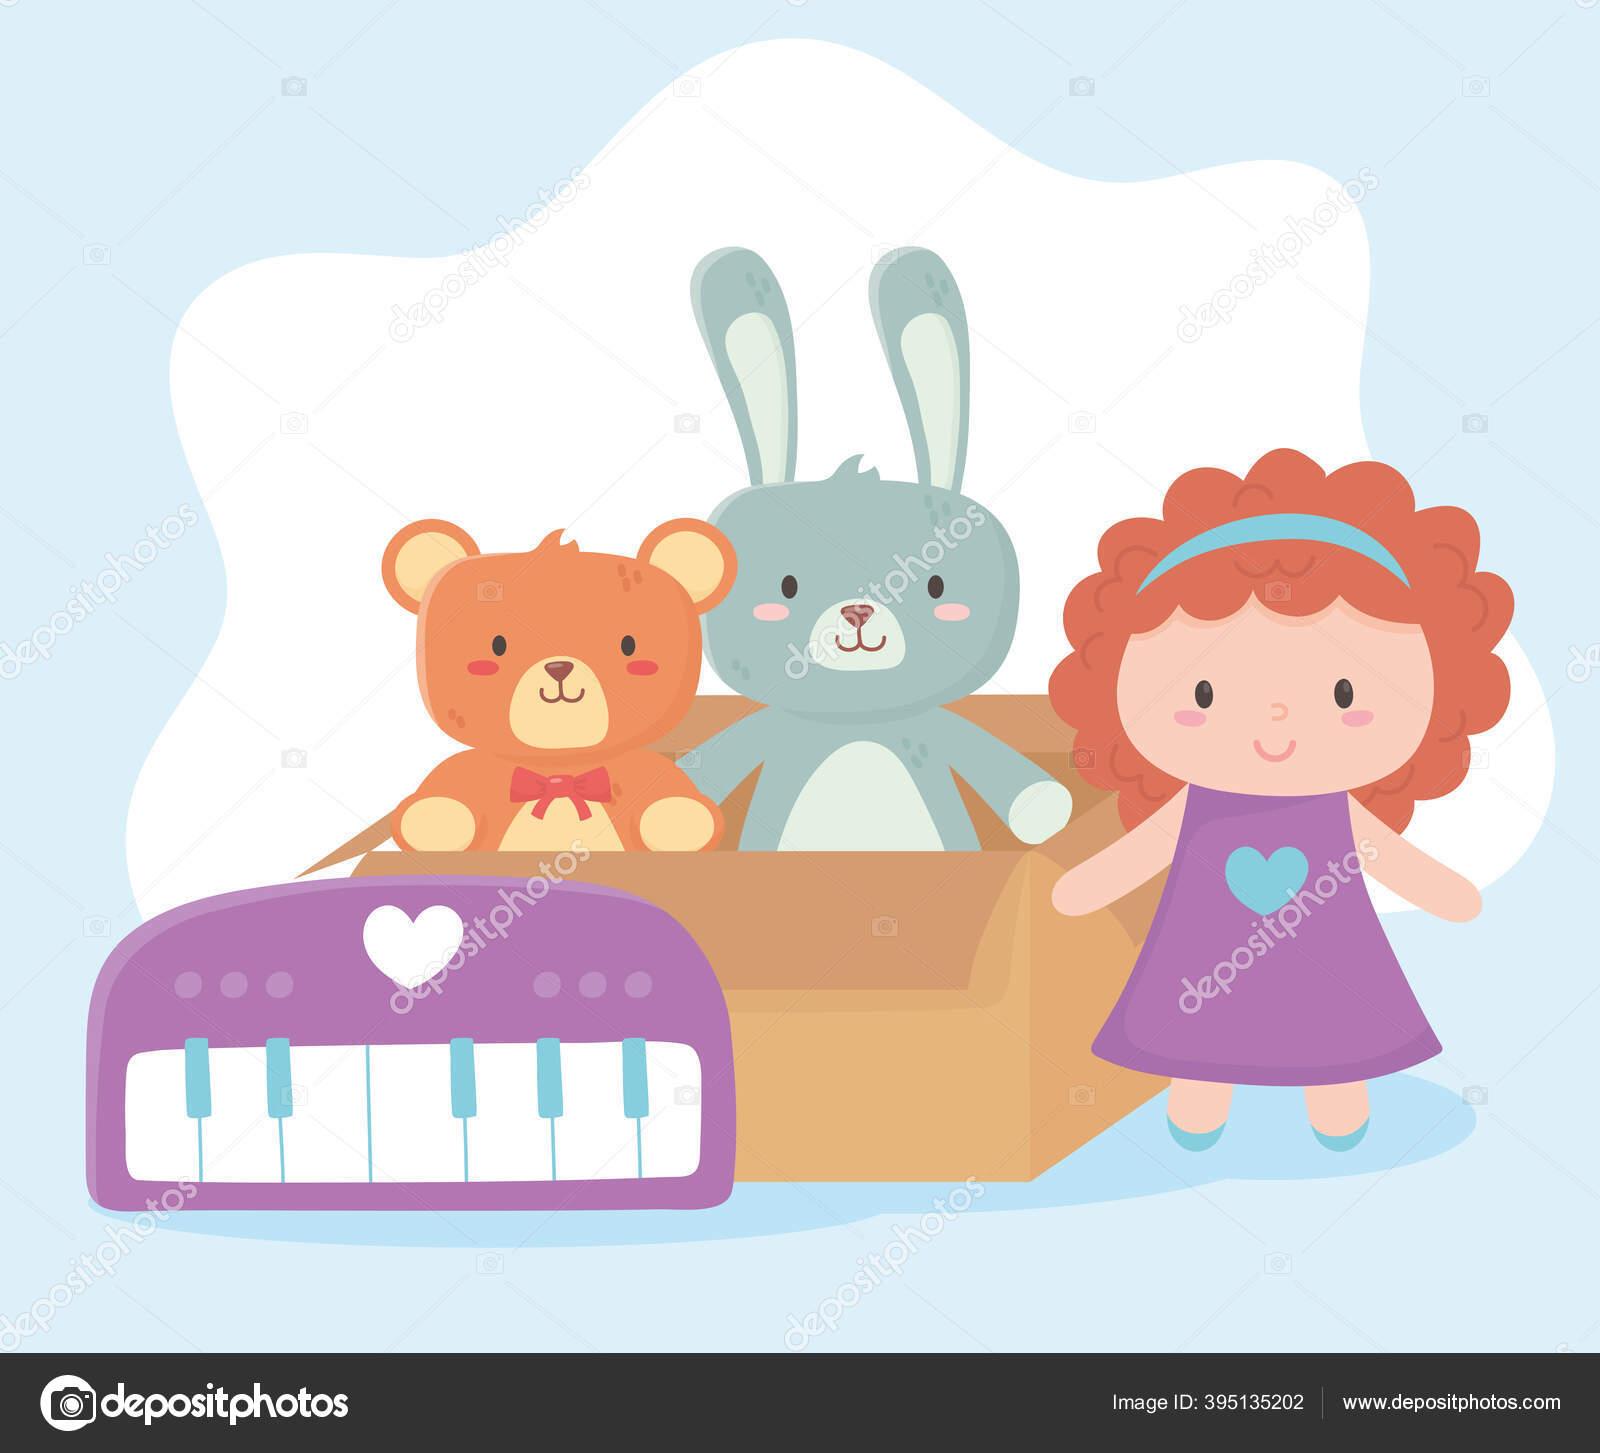 Mainan Anak Anak Kotak Kardus Dengan Boneka Kelinci Beruang Dan Objek Piano Kartun Lucu Stok Vektor C Stockgiu 395135202